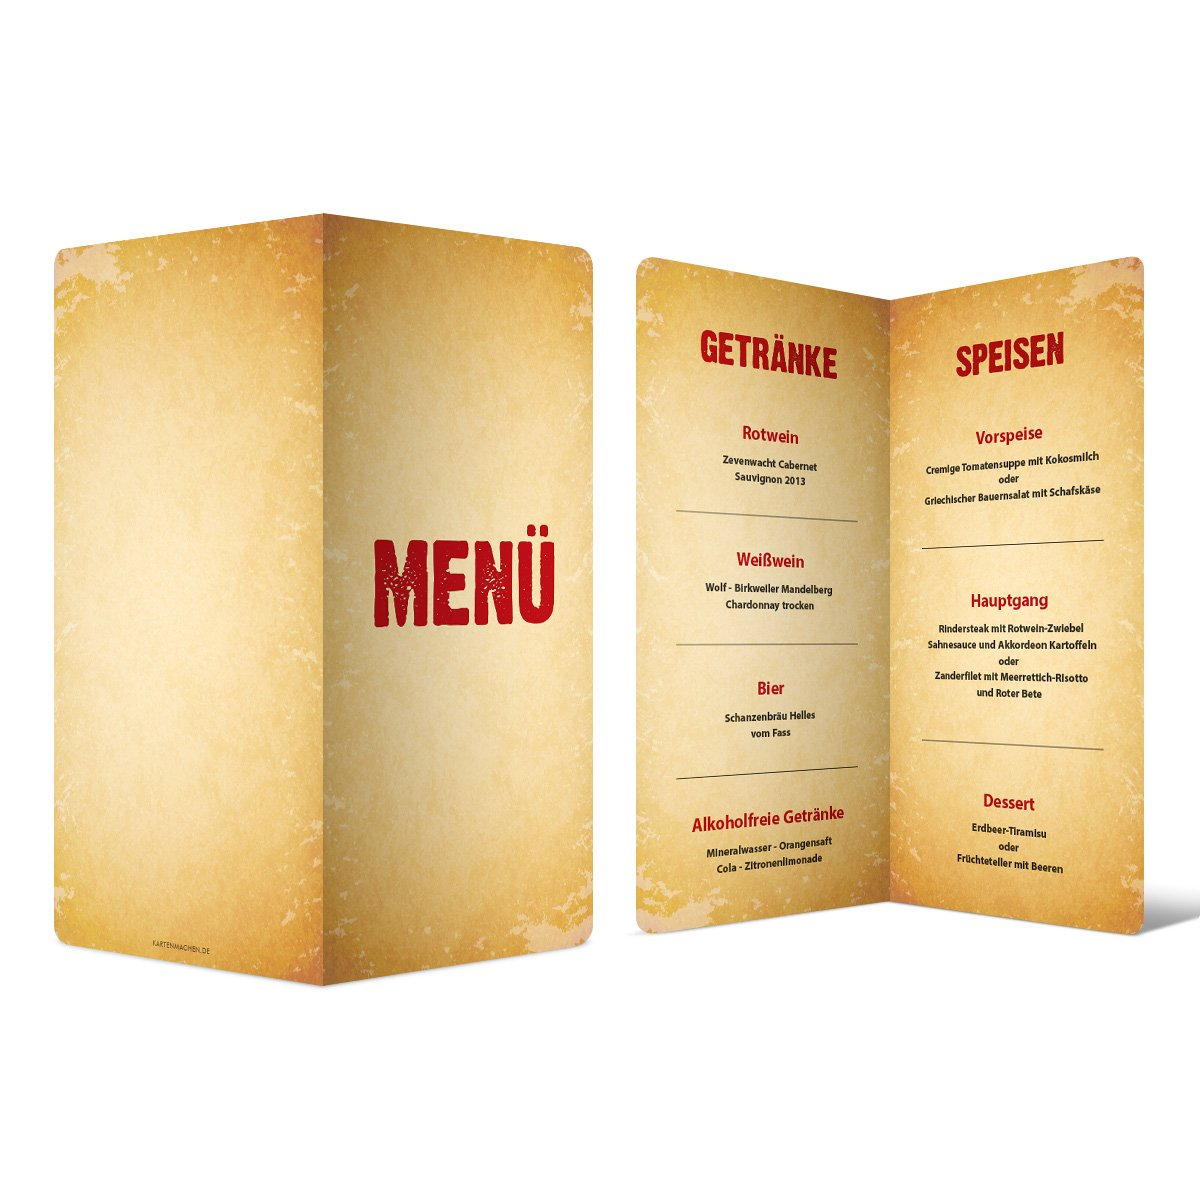 Menükarten Hochzeit (60 Stück) - Vintage - Speisekarte Getränkekarte B01N45KO5W | Günstige  | Lebhaft und liebenswert  | Abgabepreis